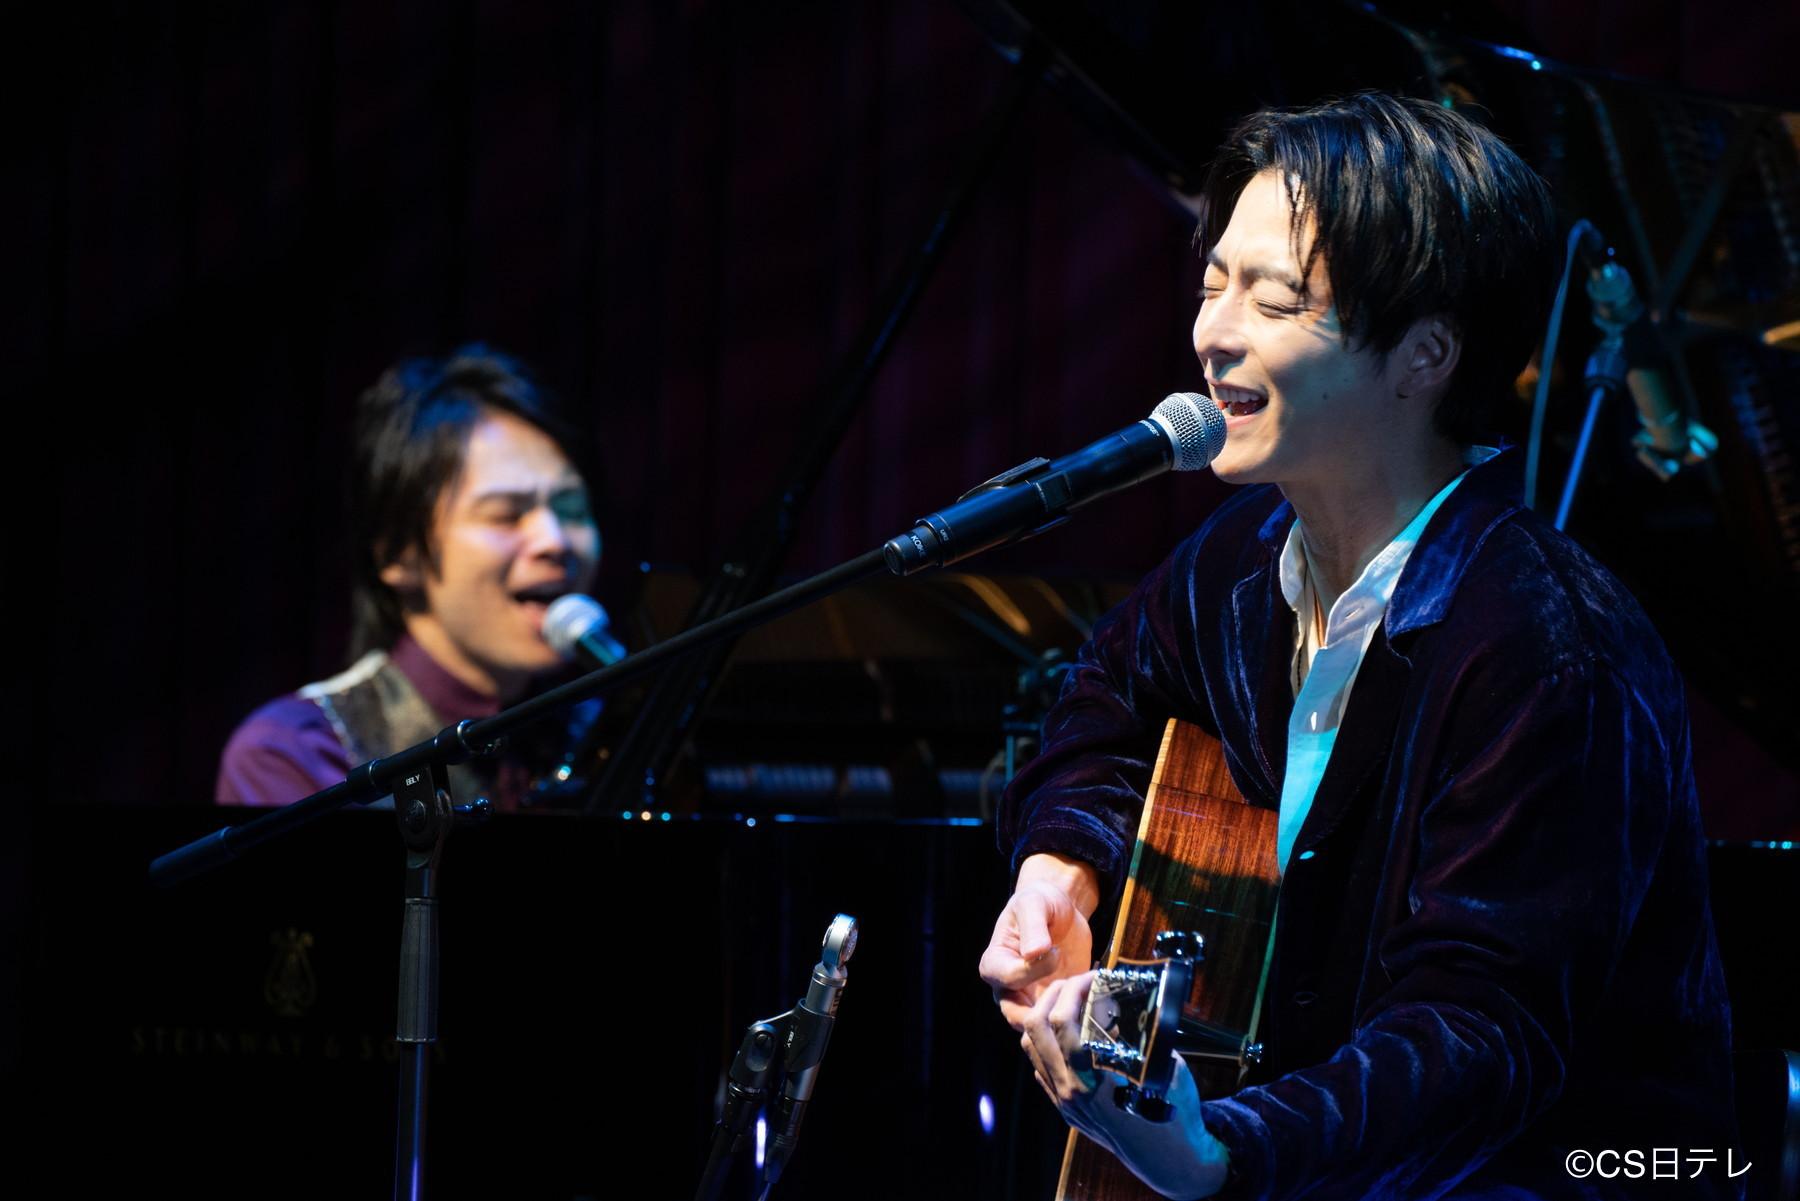 『中川晃教 Live Music Studio』